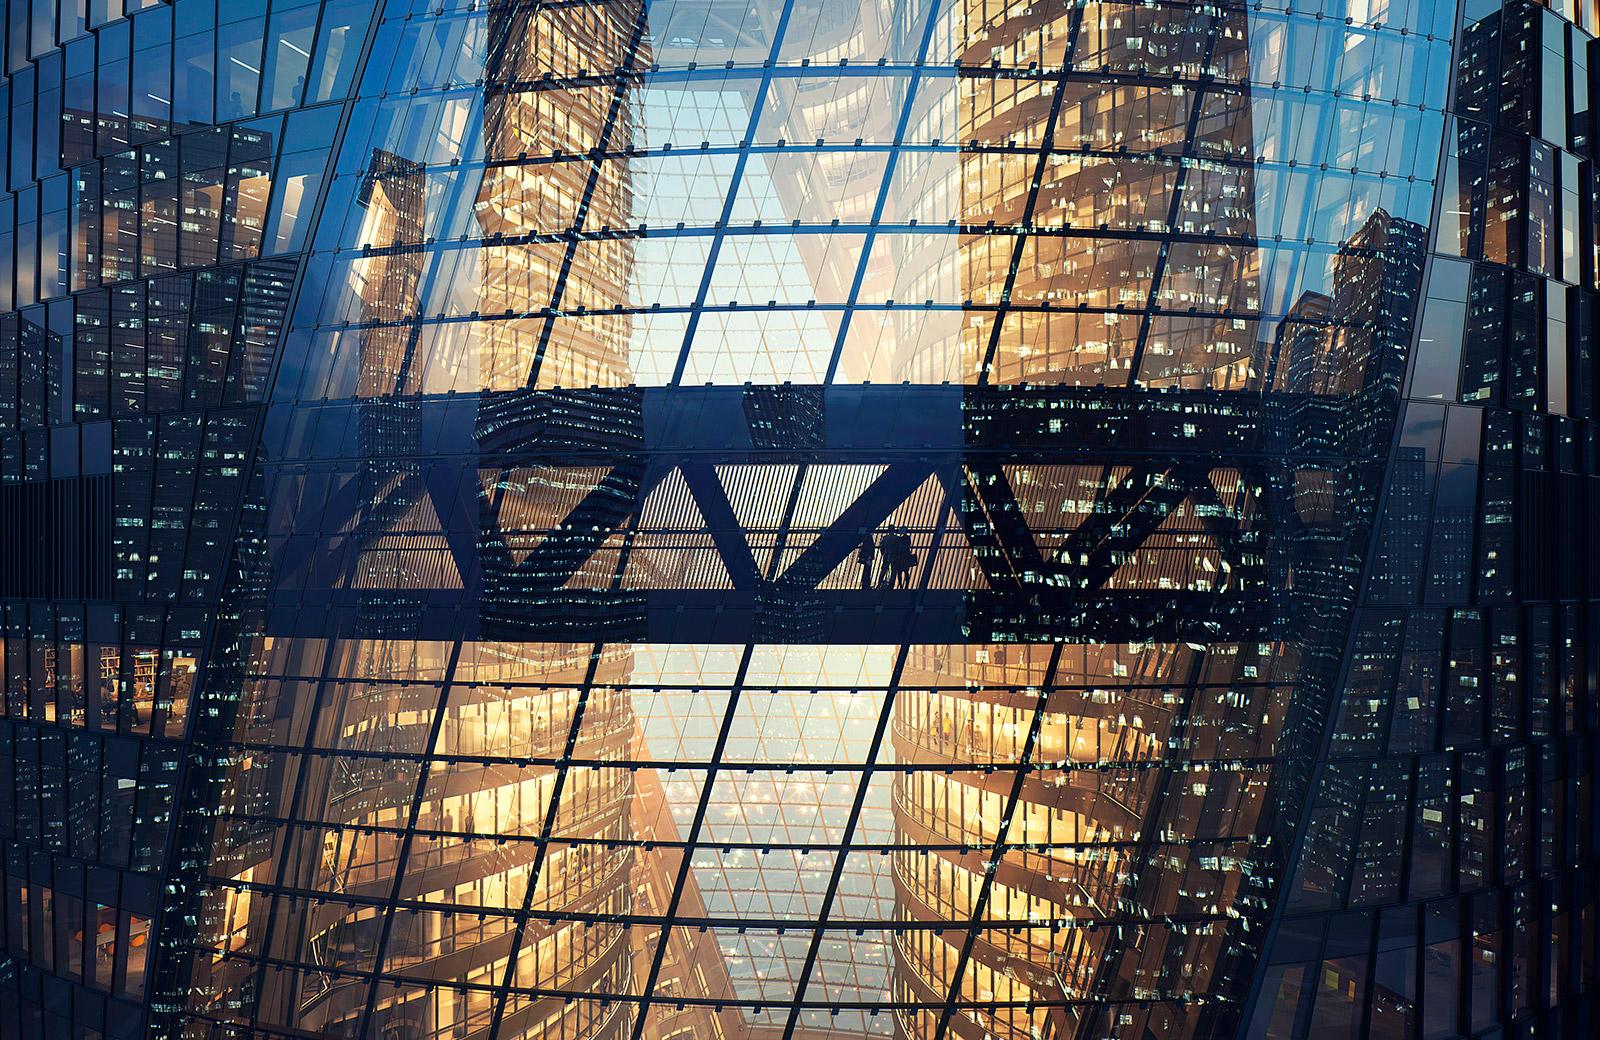 Leeza SOHO skyscraper, Beijing, China